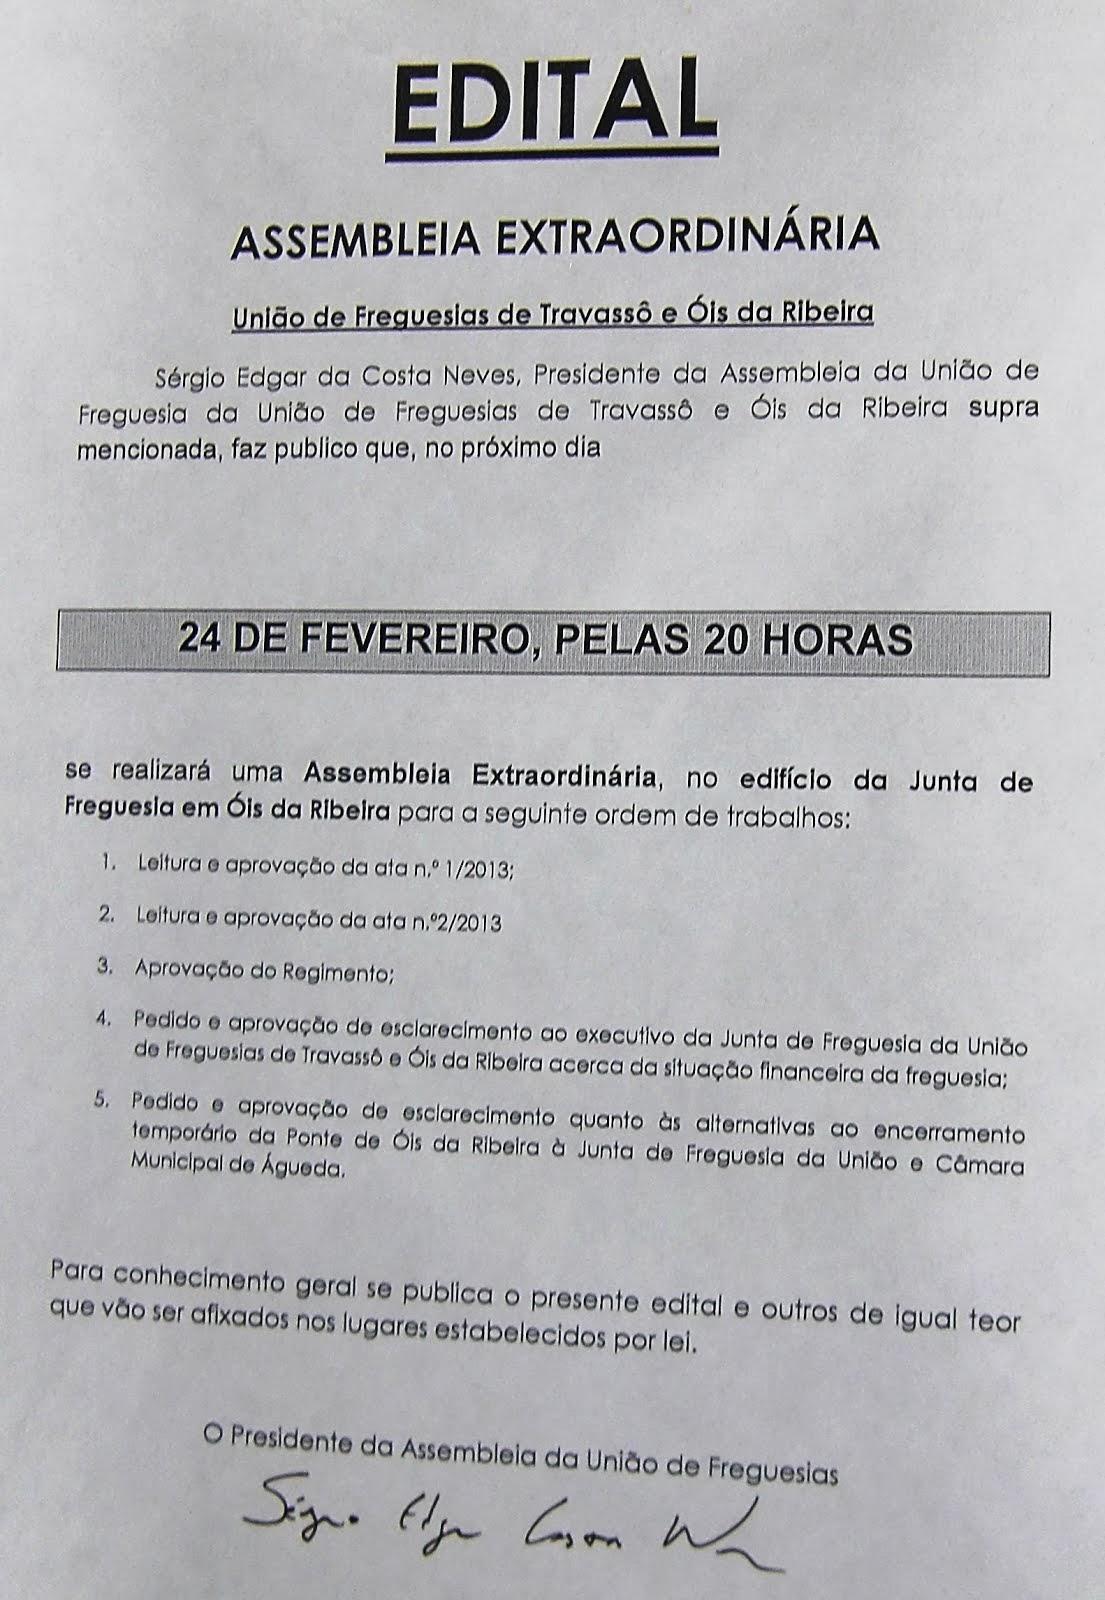 ASSEMBLEIA EXTRAORDINÁRIA DA ASSEMBLEIA DE FREGUESIA